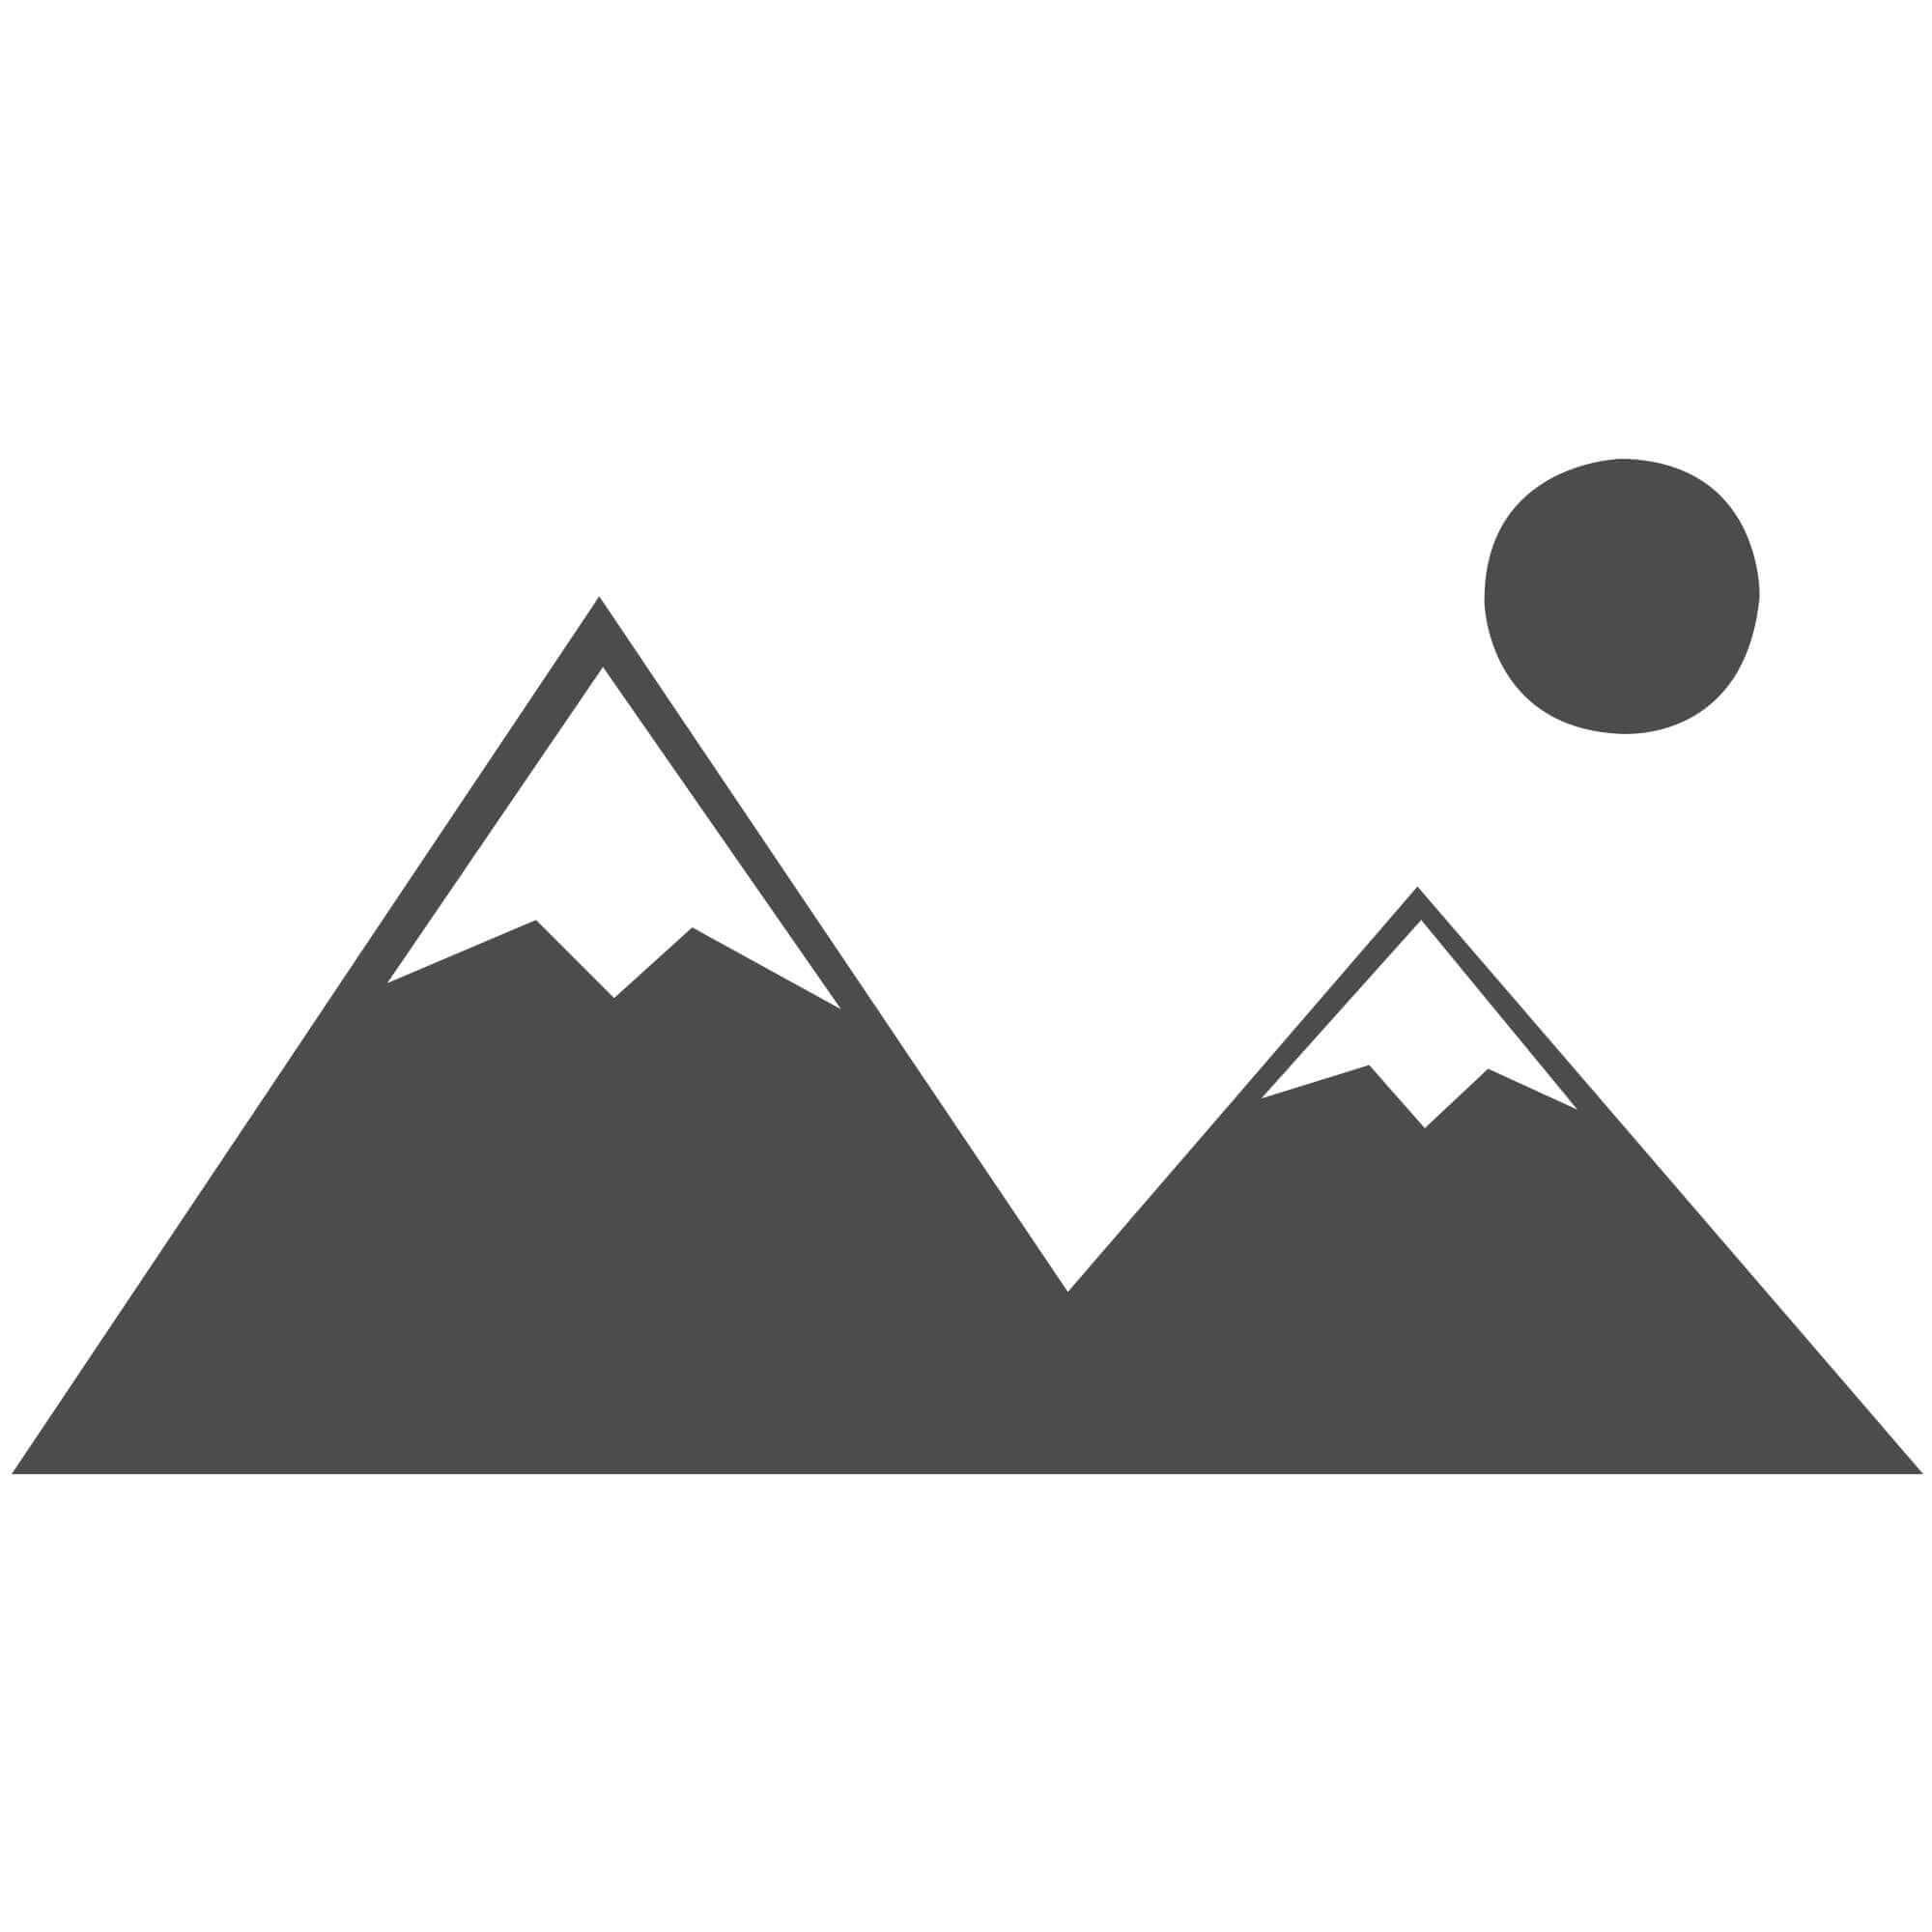 53oz Softface Hammer (BH-62-534)